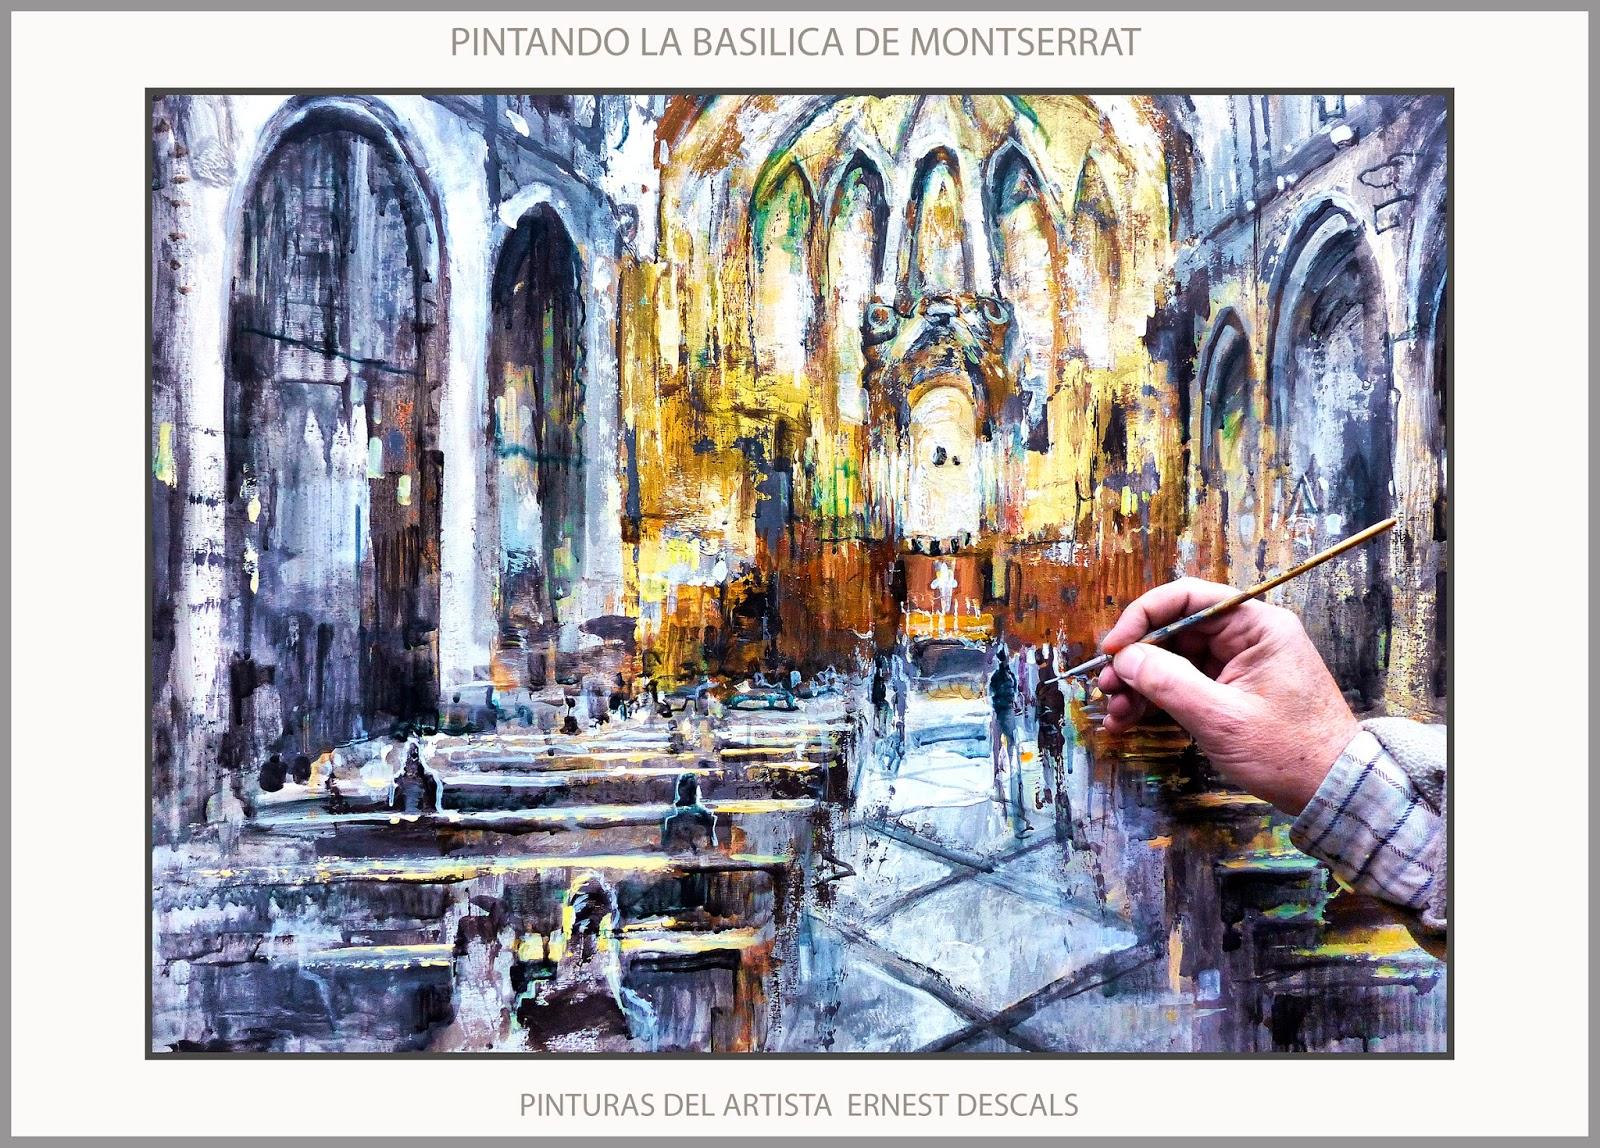 Ernest descals artista pintor pinturas pintar cuadros - Fotografias para pintar cuadros ...